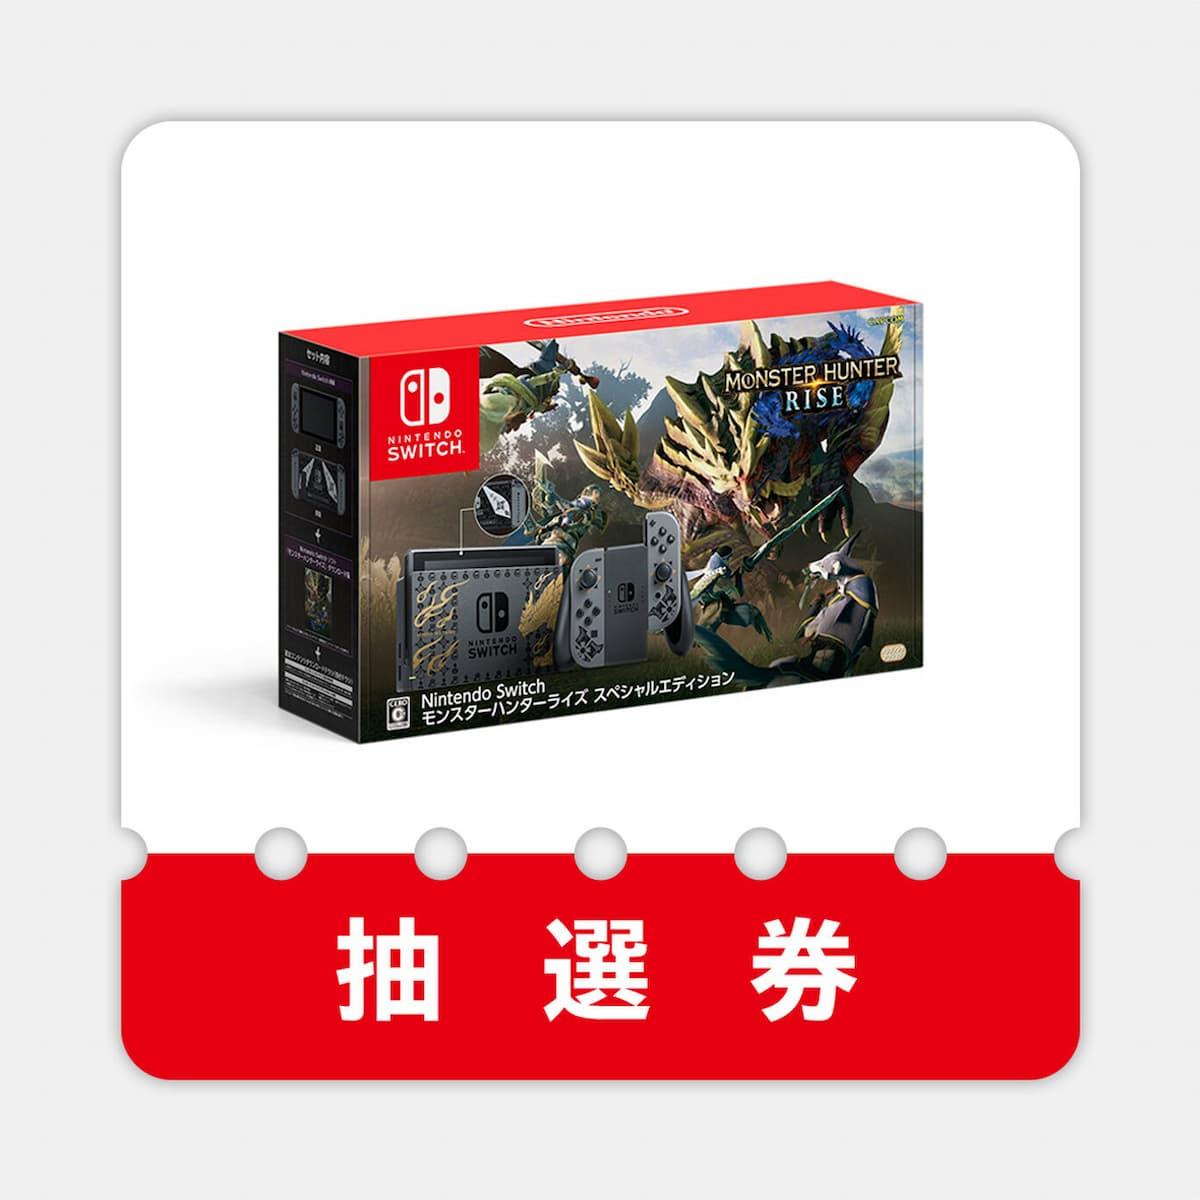 Nintendo Switch モンスターハンターライズ スペシャルエディション抽選券